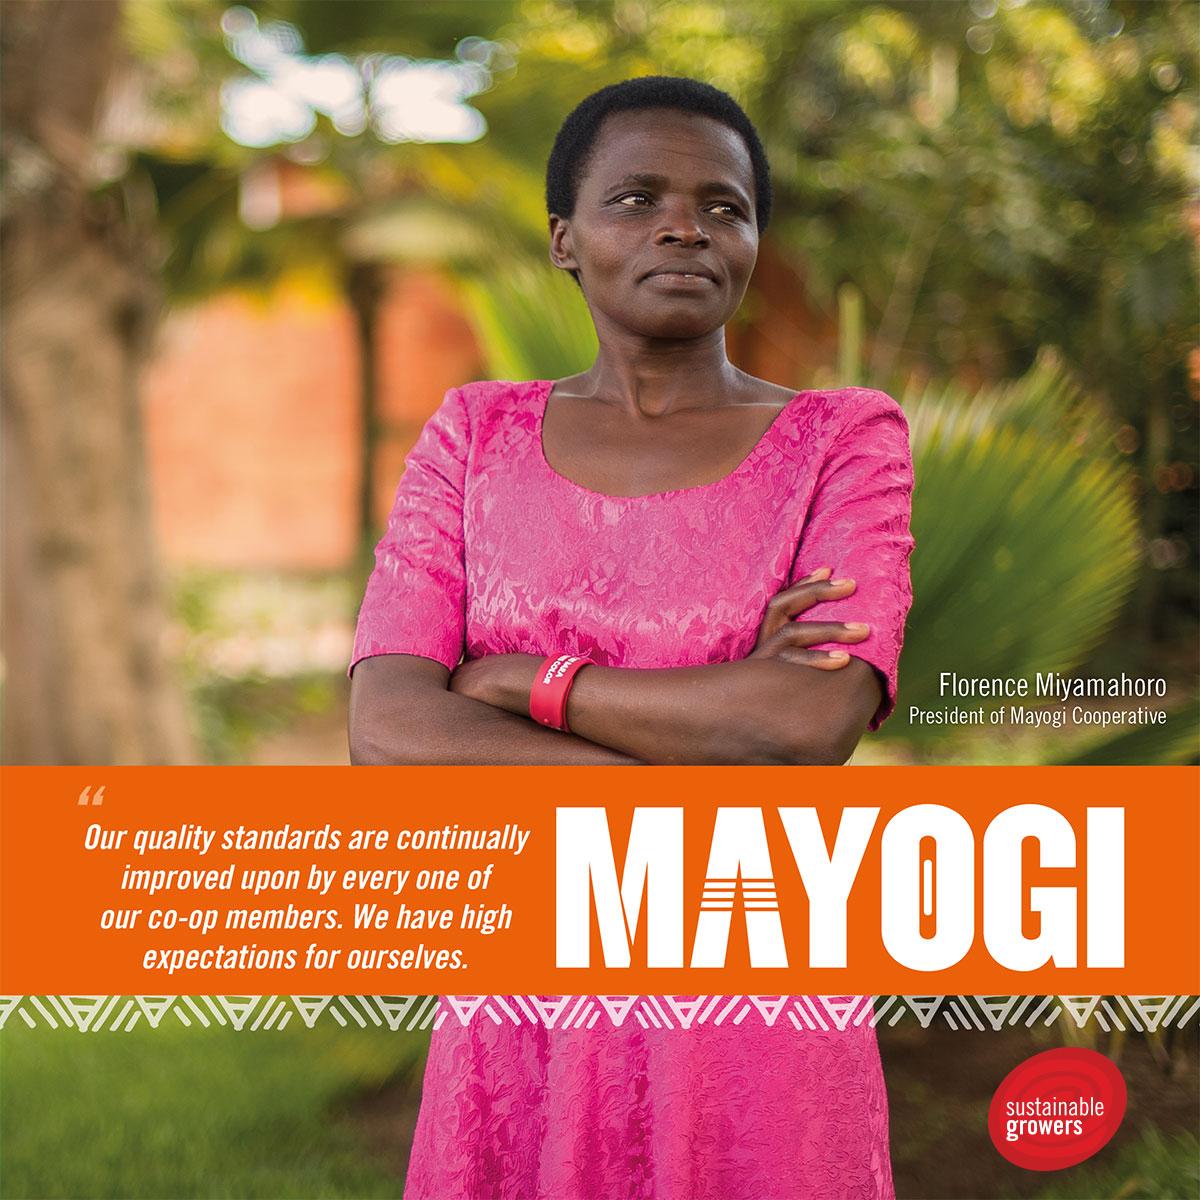 Mayogi-5